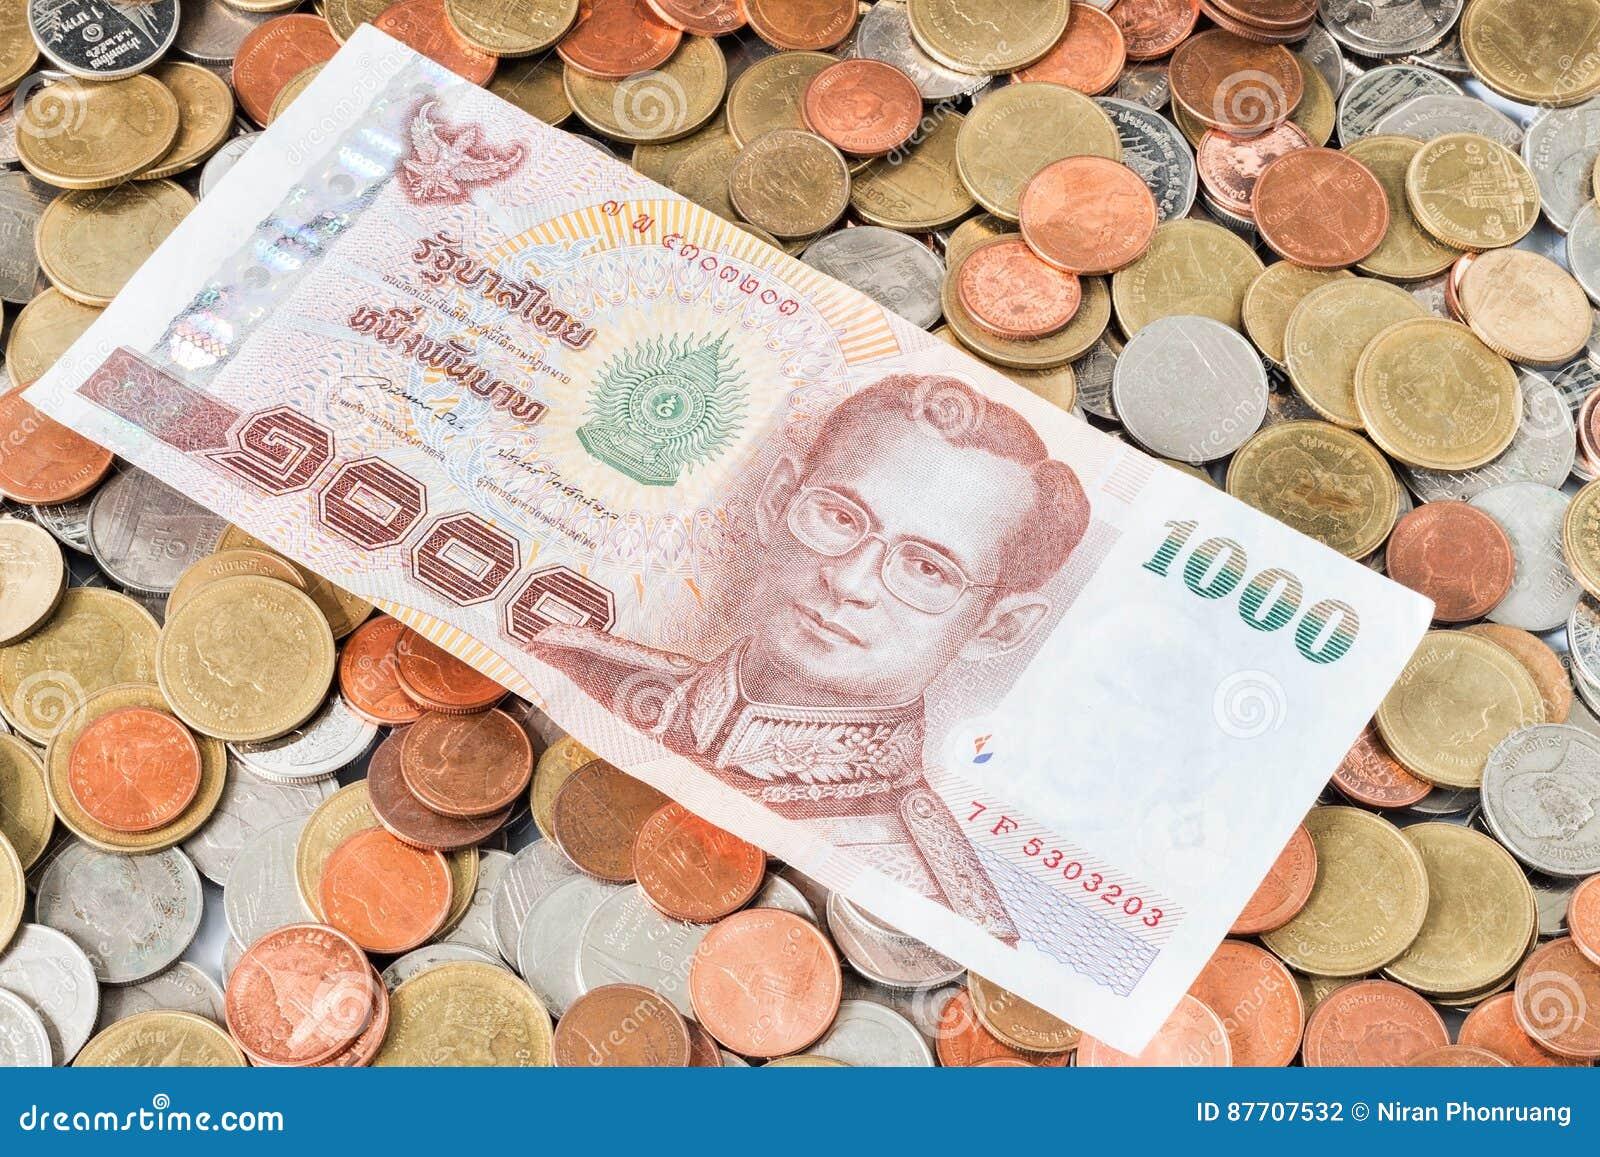 Argent liquide sur des pièces de monnaie, devise